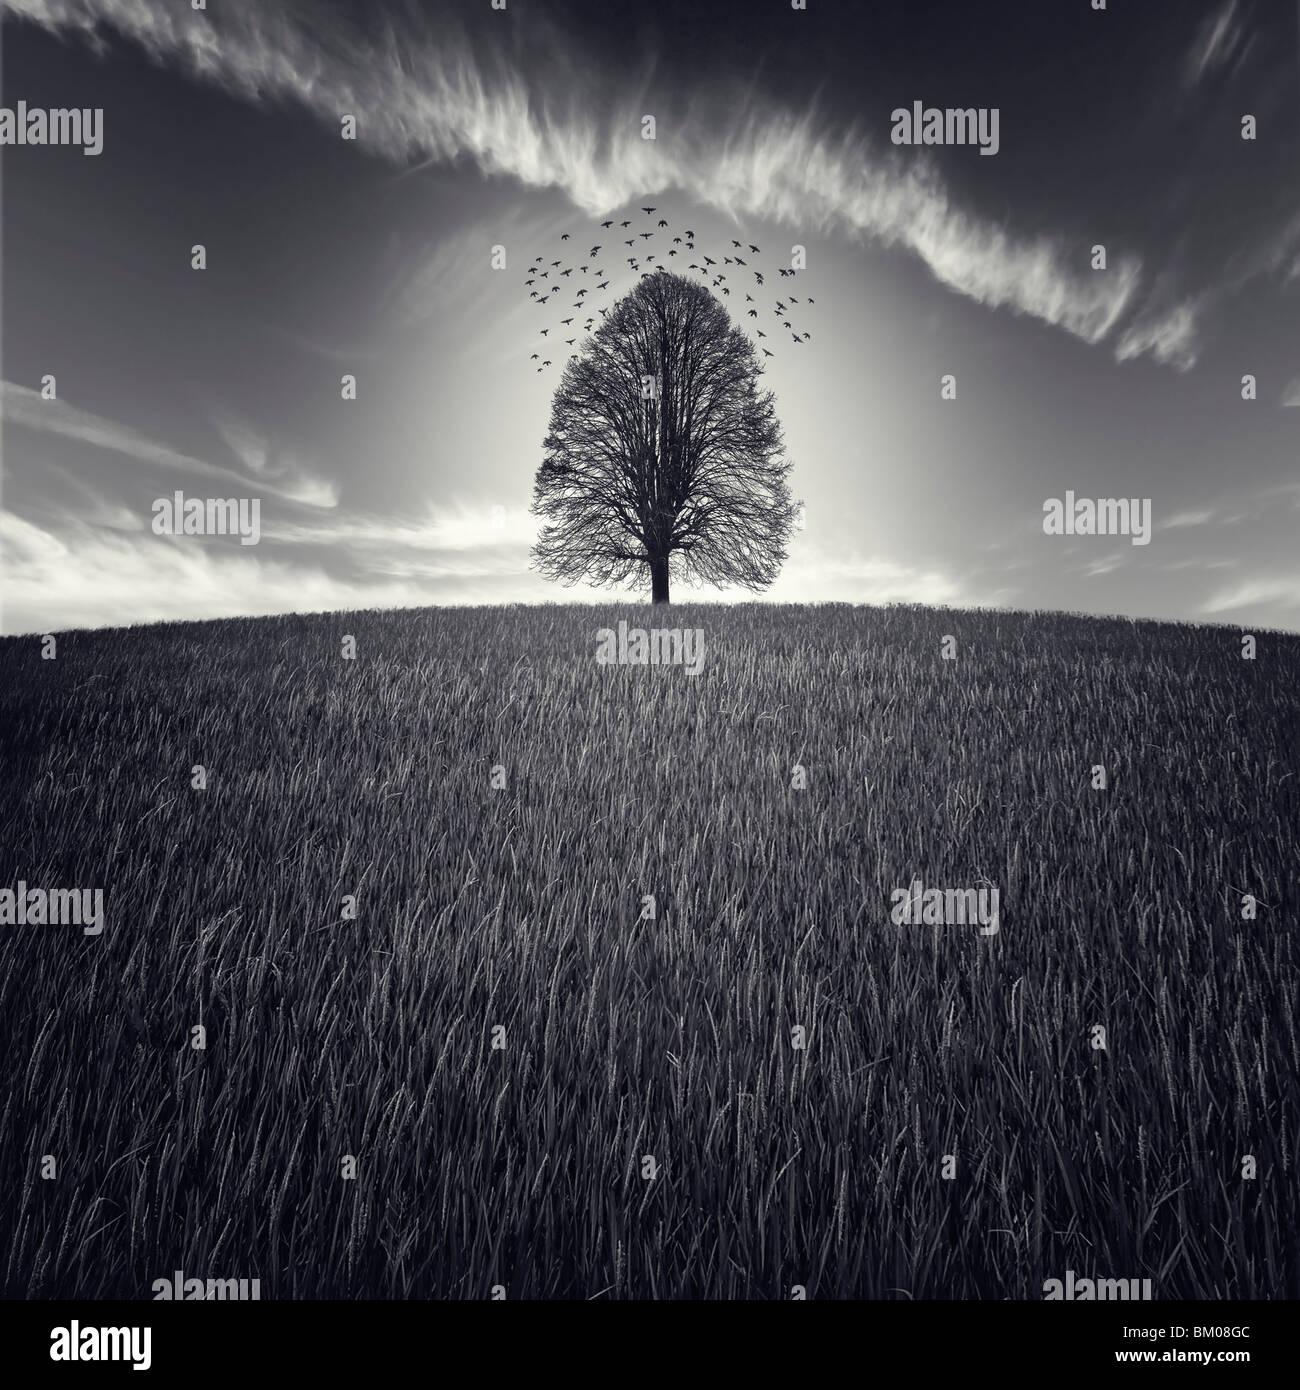 Un seul arbre dans un grand champ avec des oiseaux volant dans le ciel Photo Stock